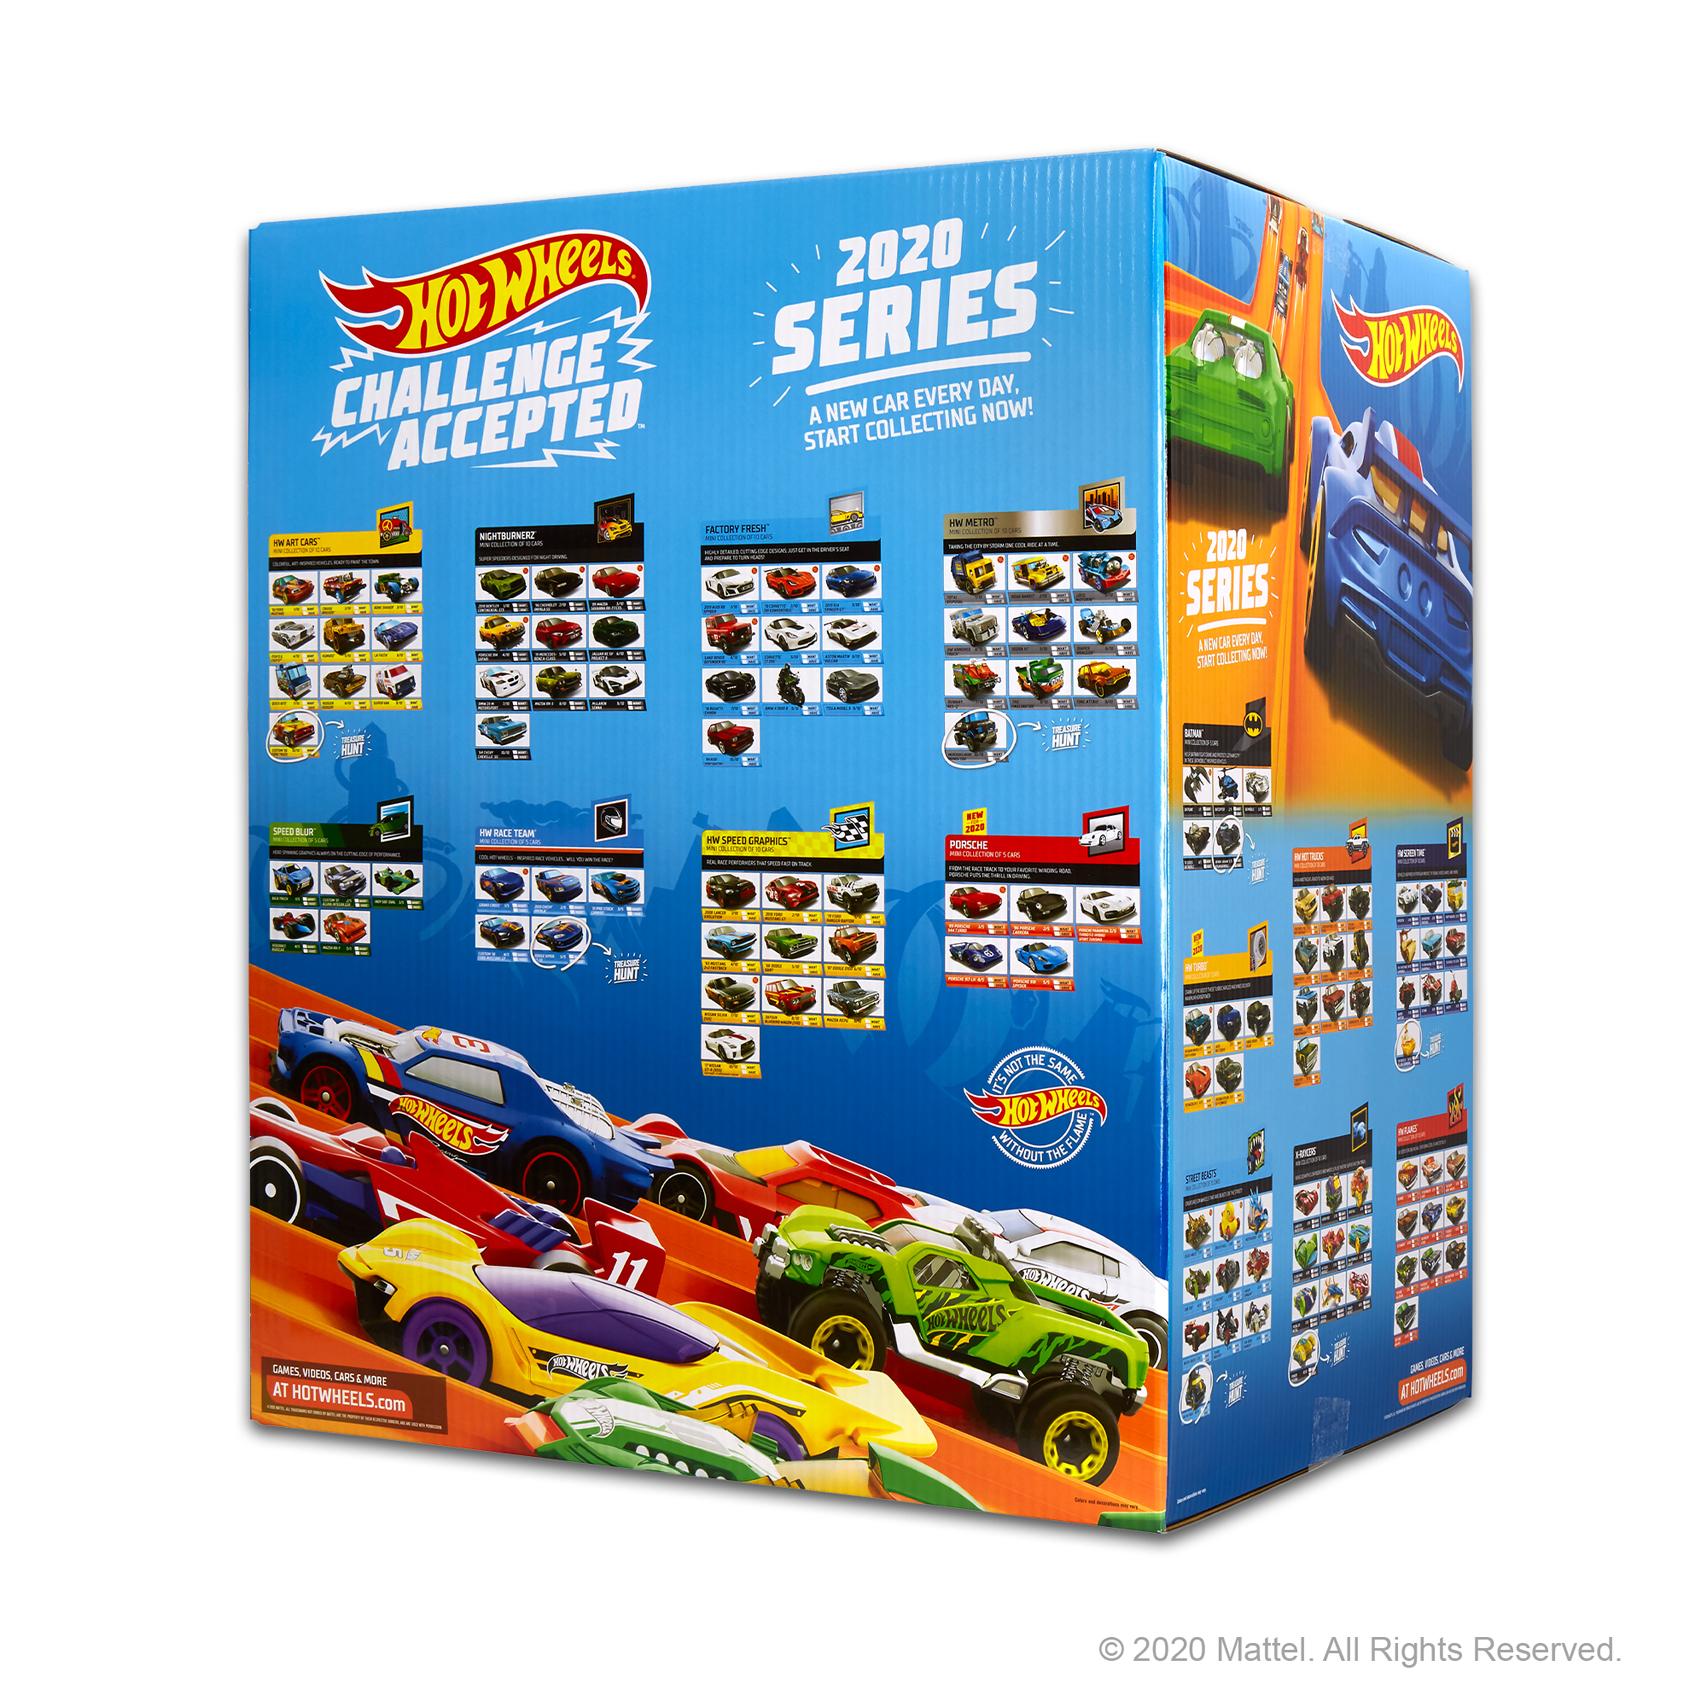 Hot Wheels cars set